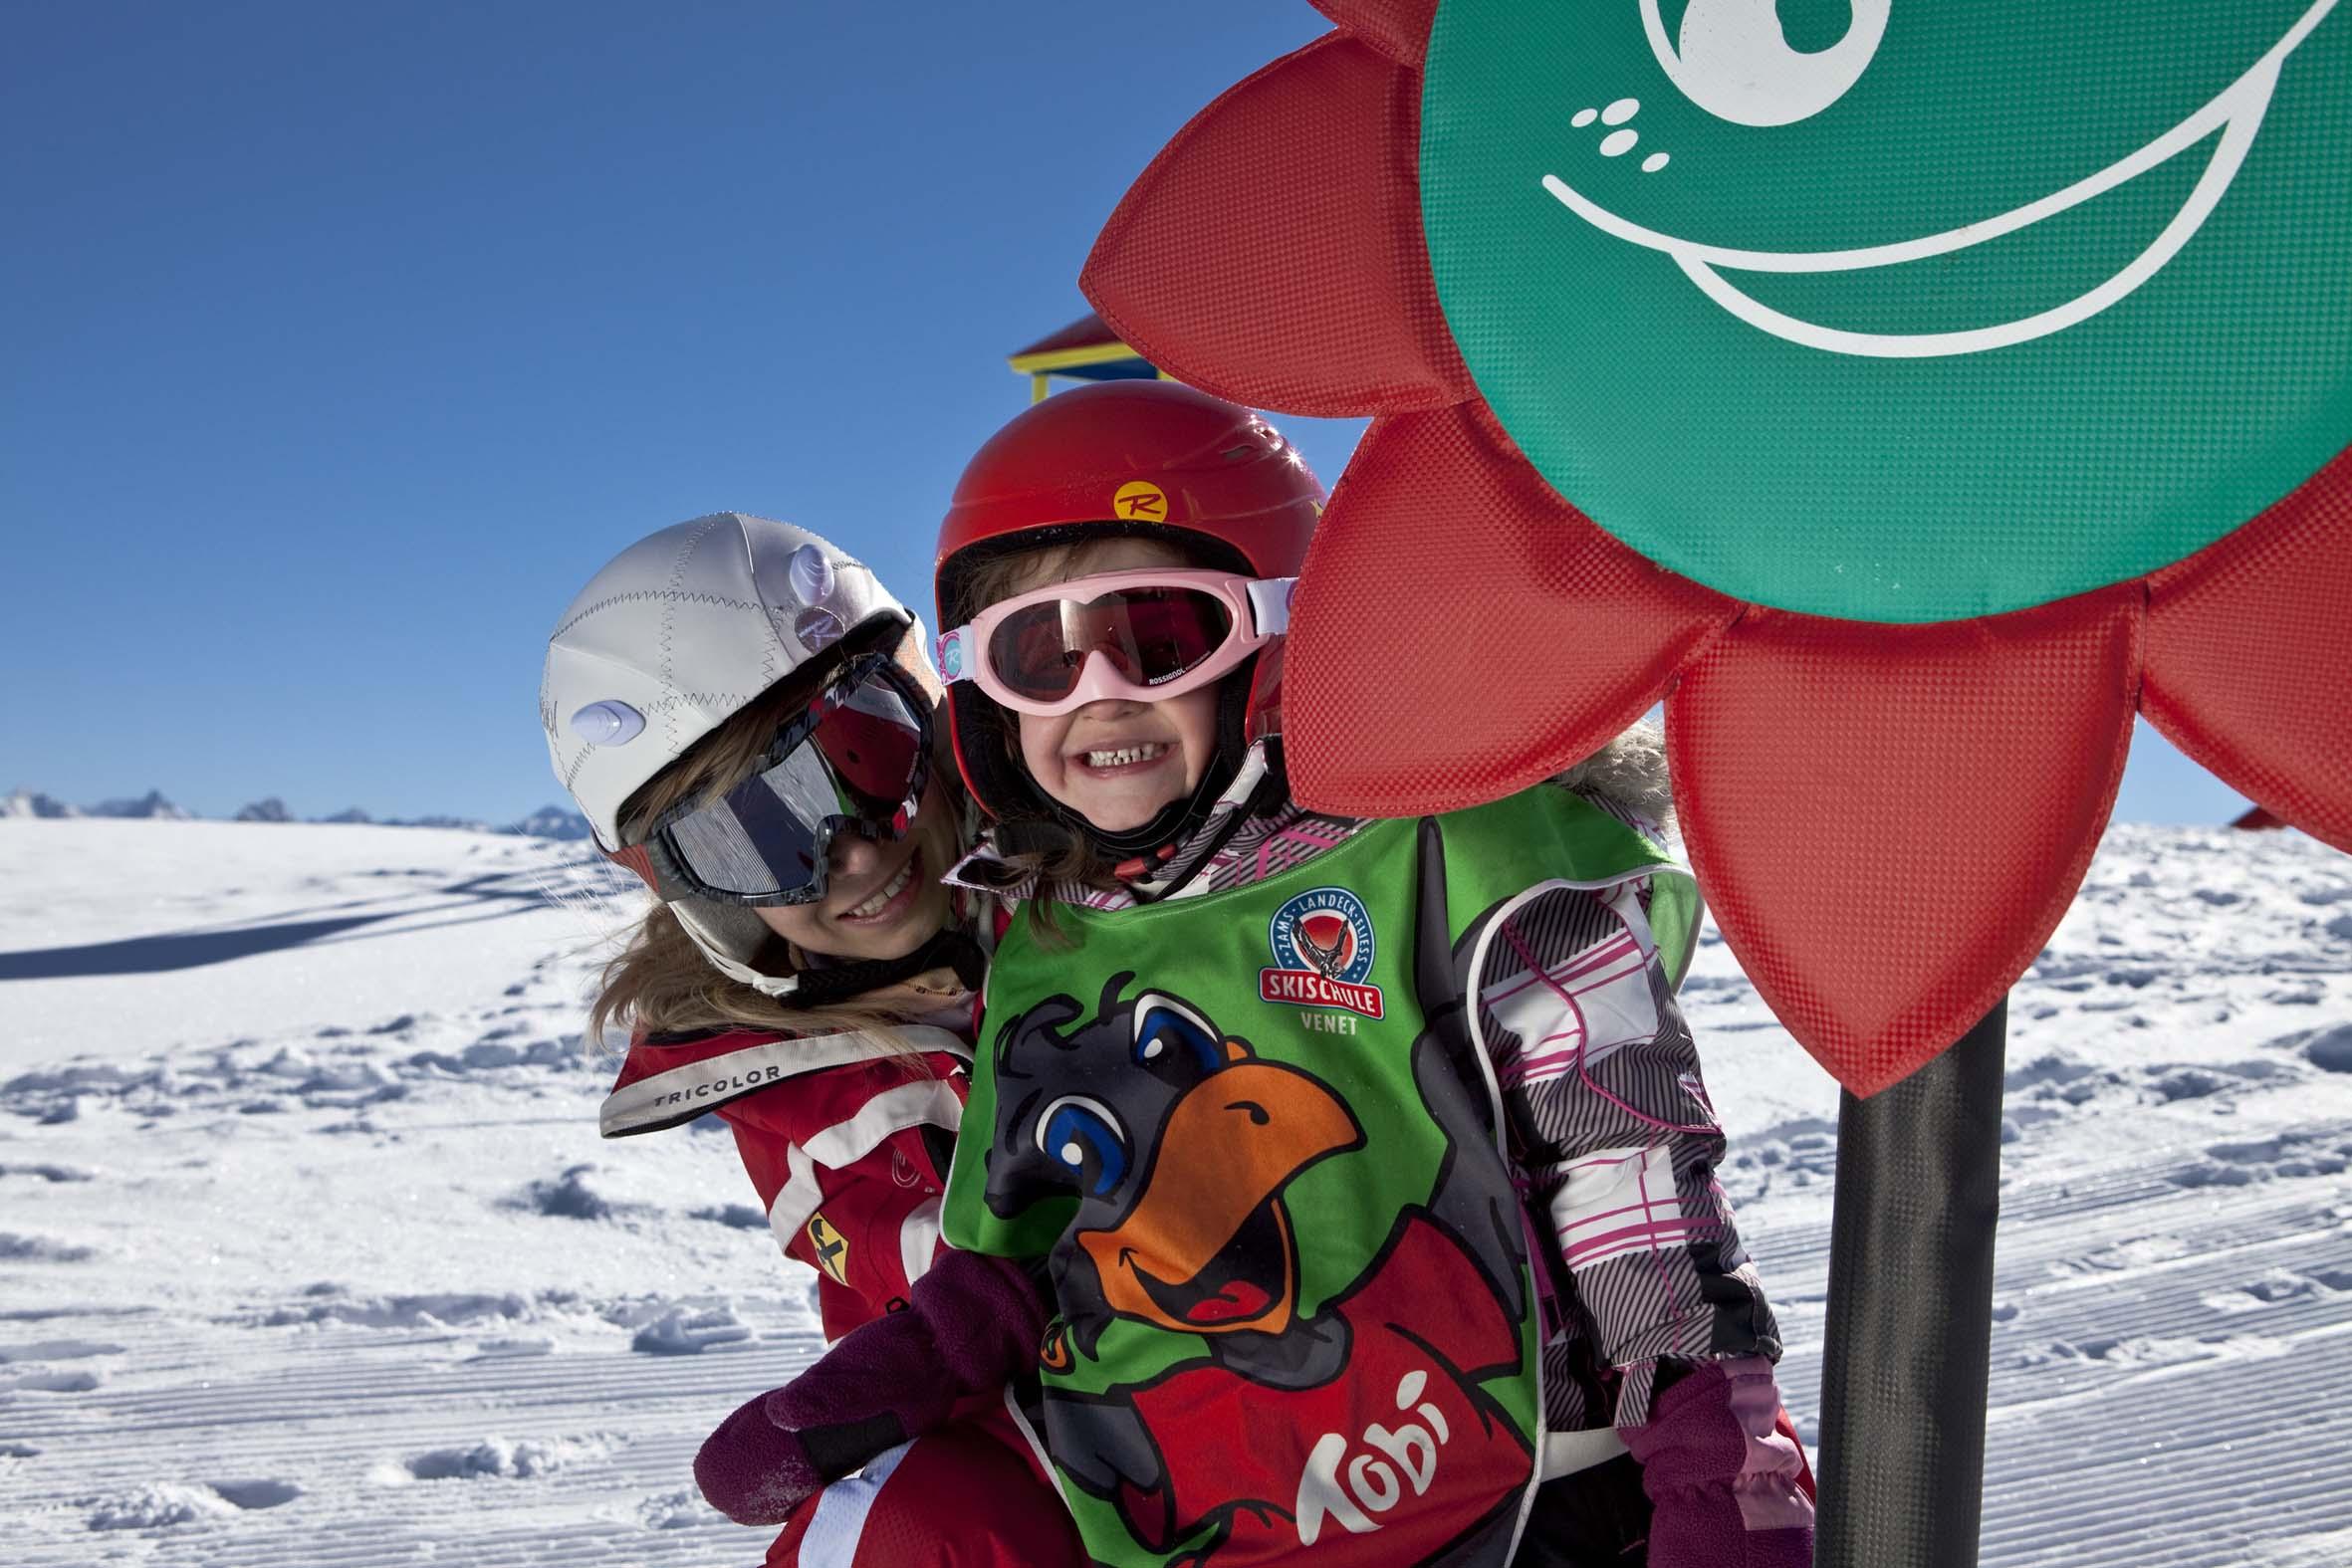 Gratis Winterwochen für Kinder in TirolWest